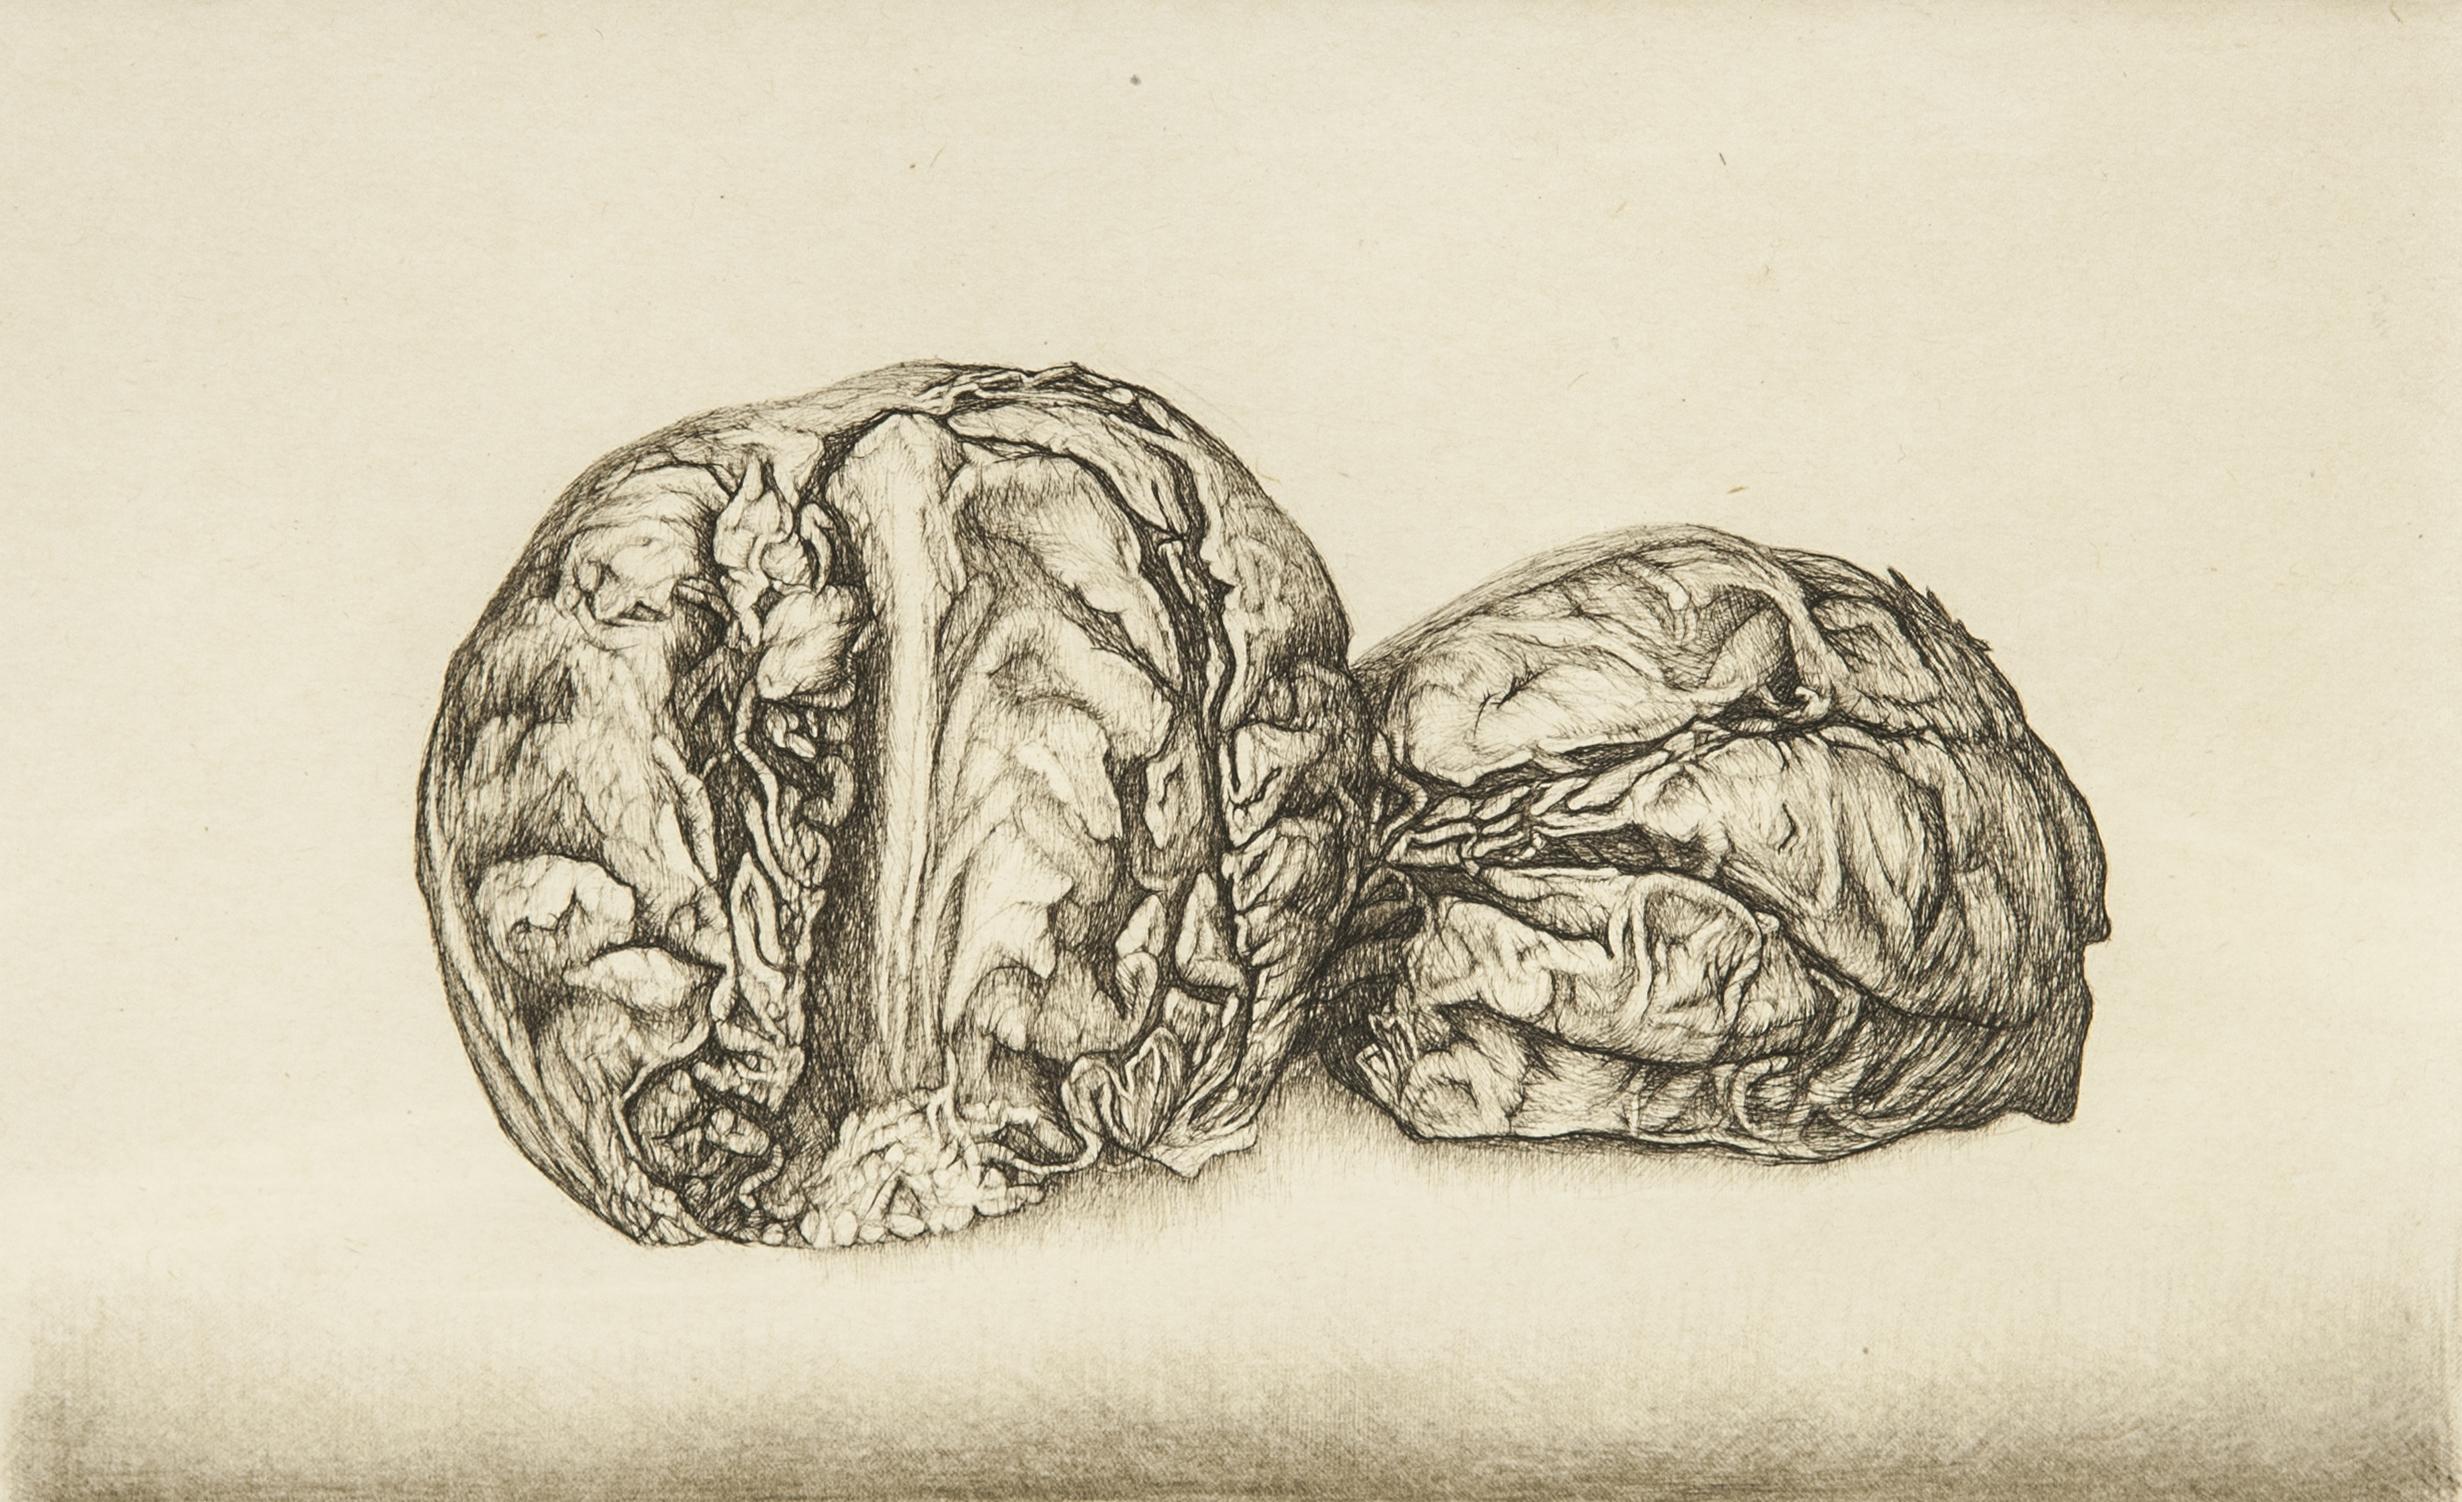 Cécile Reims, Autour d'Anatomies végétales, 2006-2007 Estampe sur papier vélin de Rives, 15,9 x 25,8